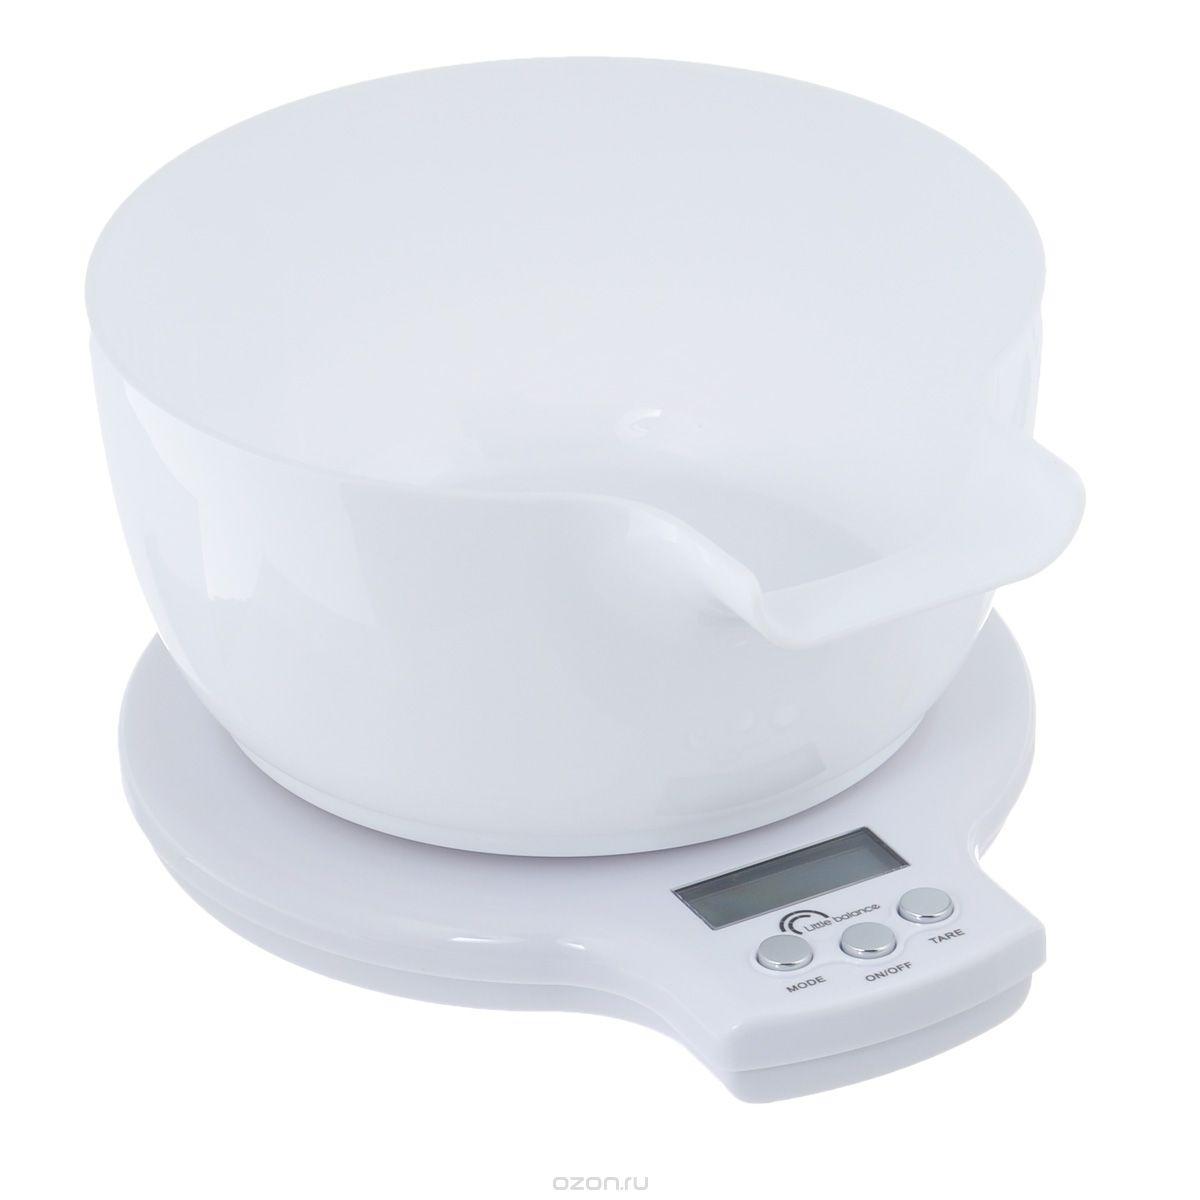 Весы кухонные до 5 кг Meringue +BolКачественные весы и безмены от бренда Little Balance изготовлены из стекла. Они будут прекрасными помощниками в приготовлении еды  и прослужат хозяйкам долгие годы.<br>